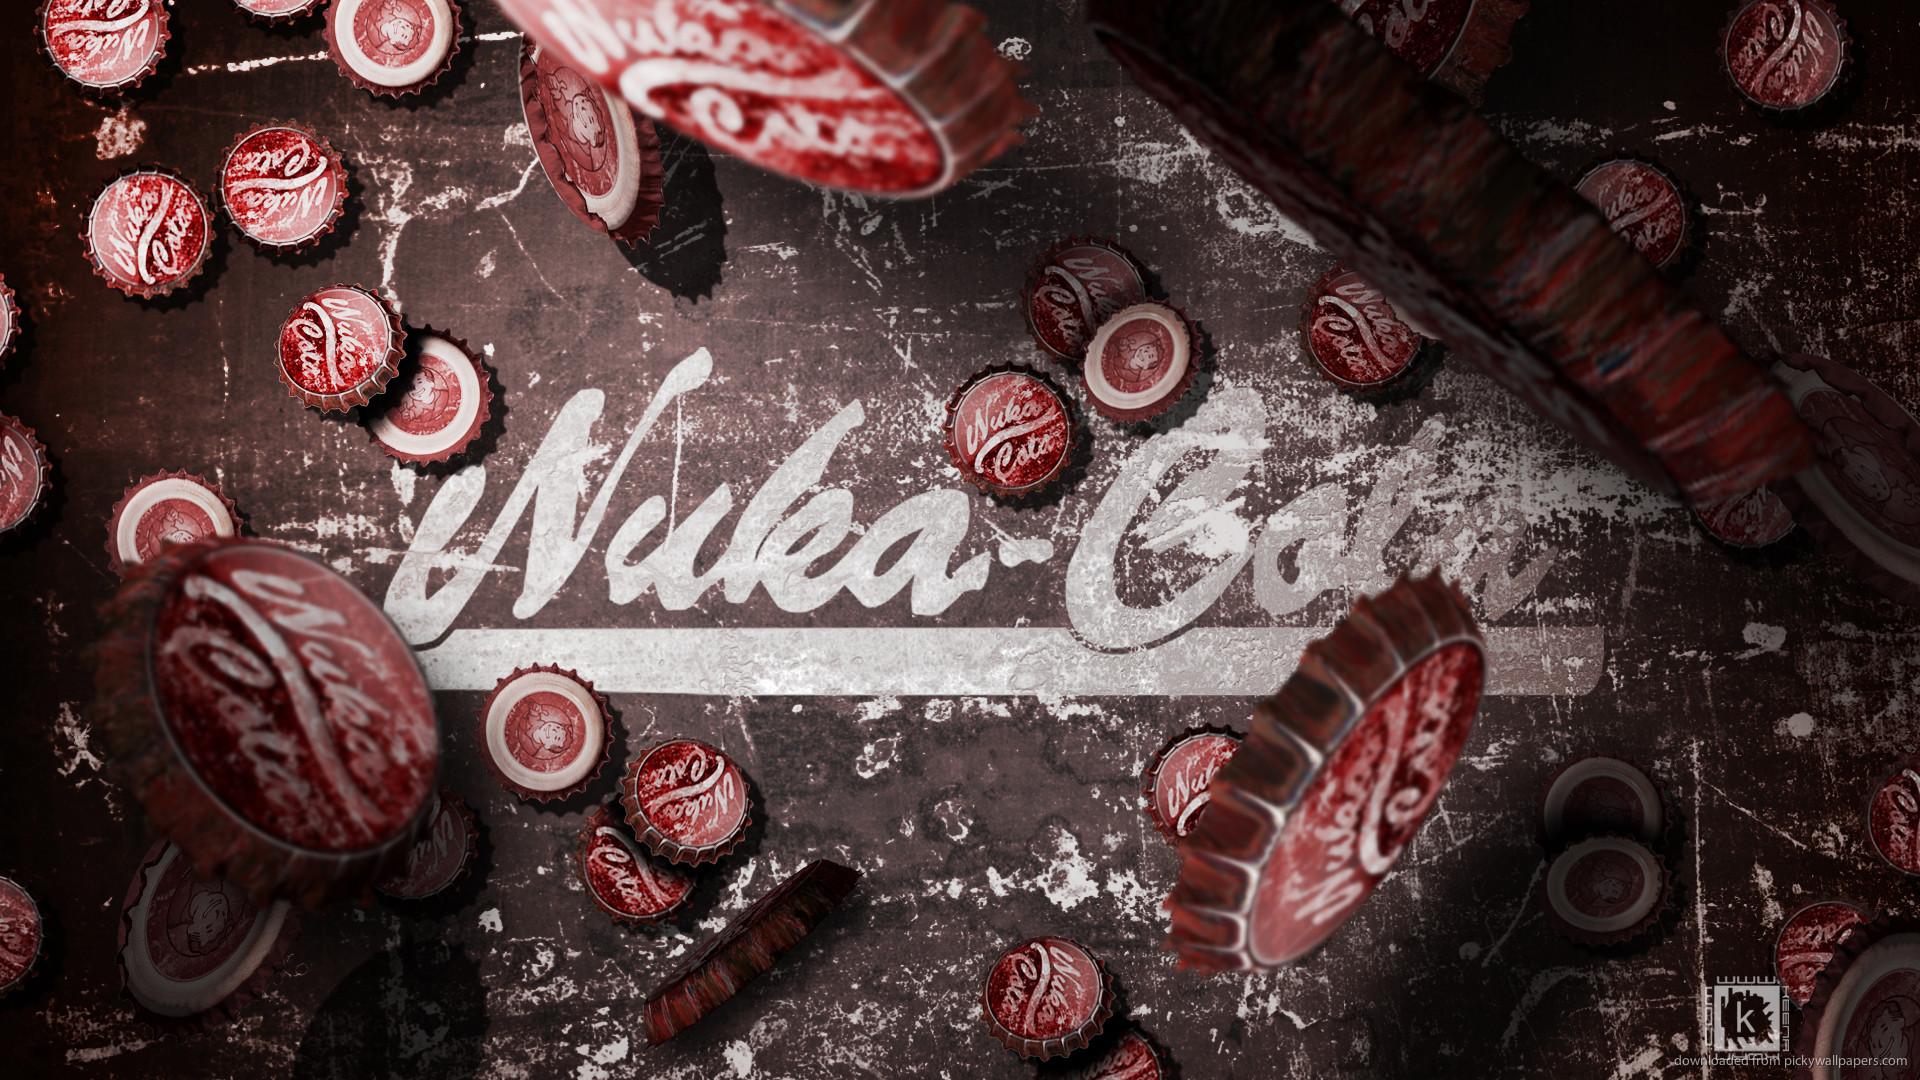 Nuka Cola caps picture